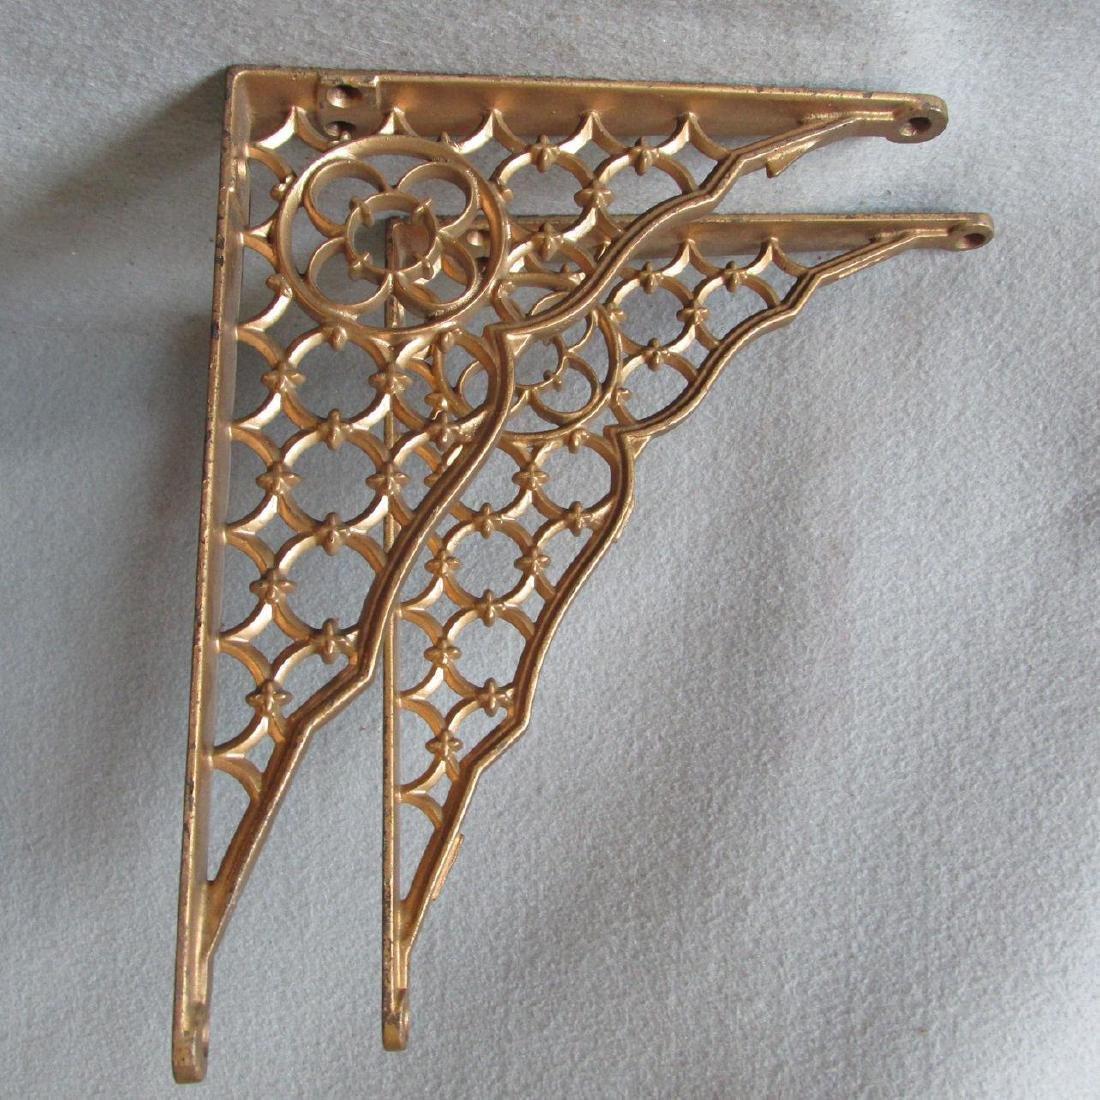 19thC Victorian Gothic Cast Iron Architectural Brackets - 4